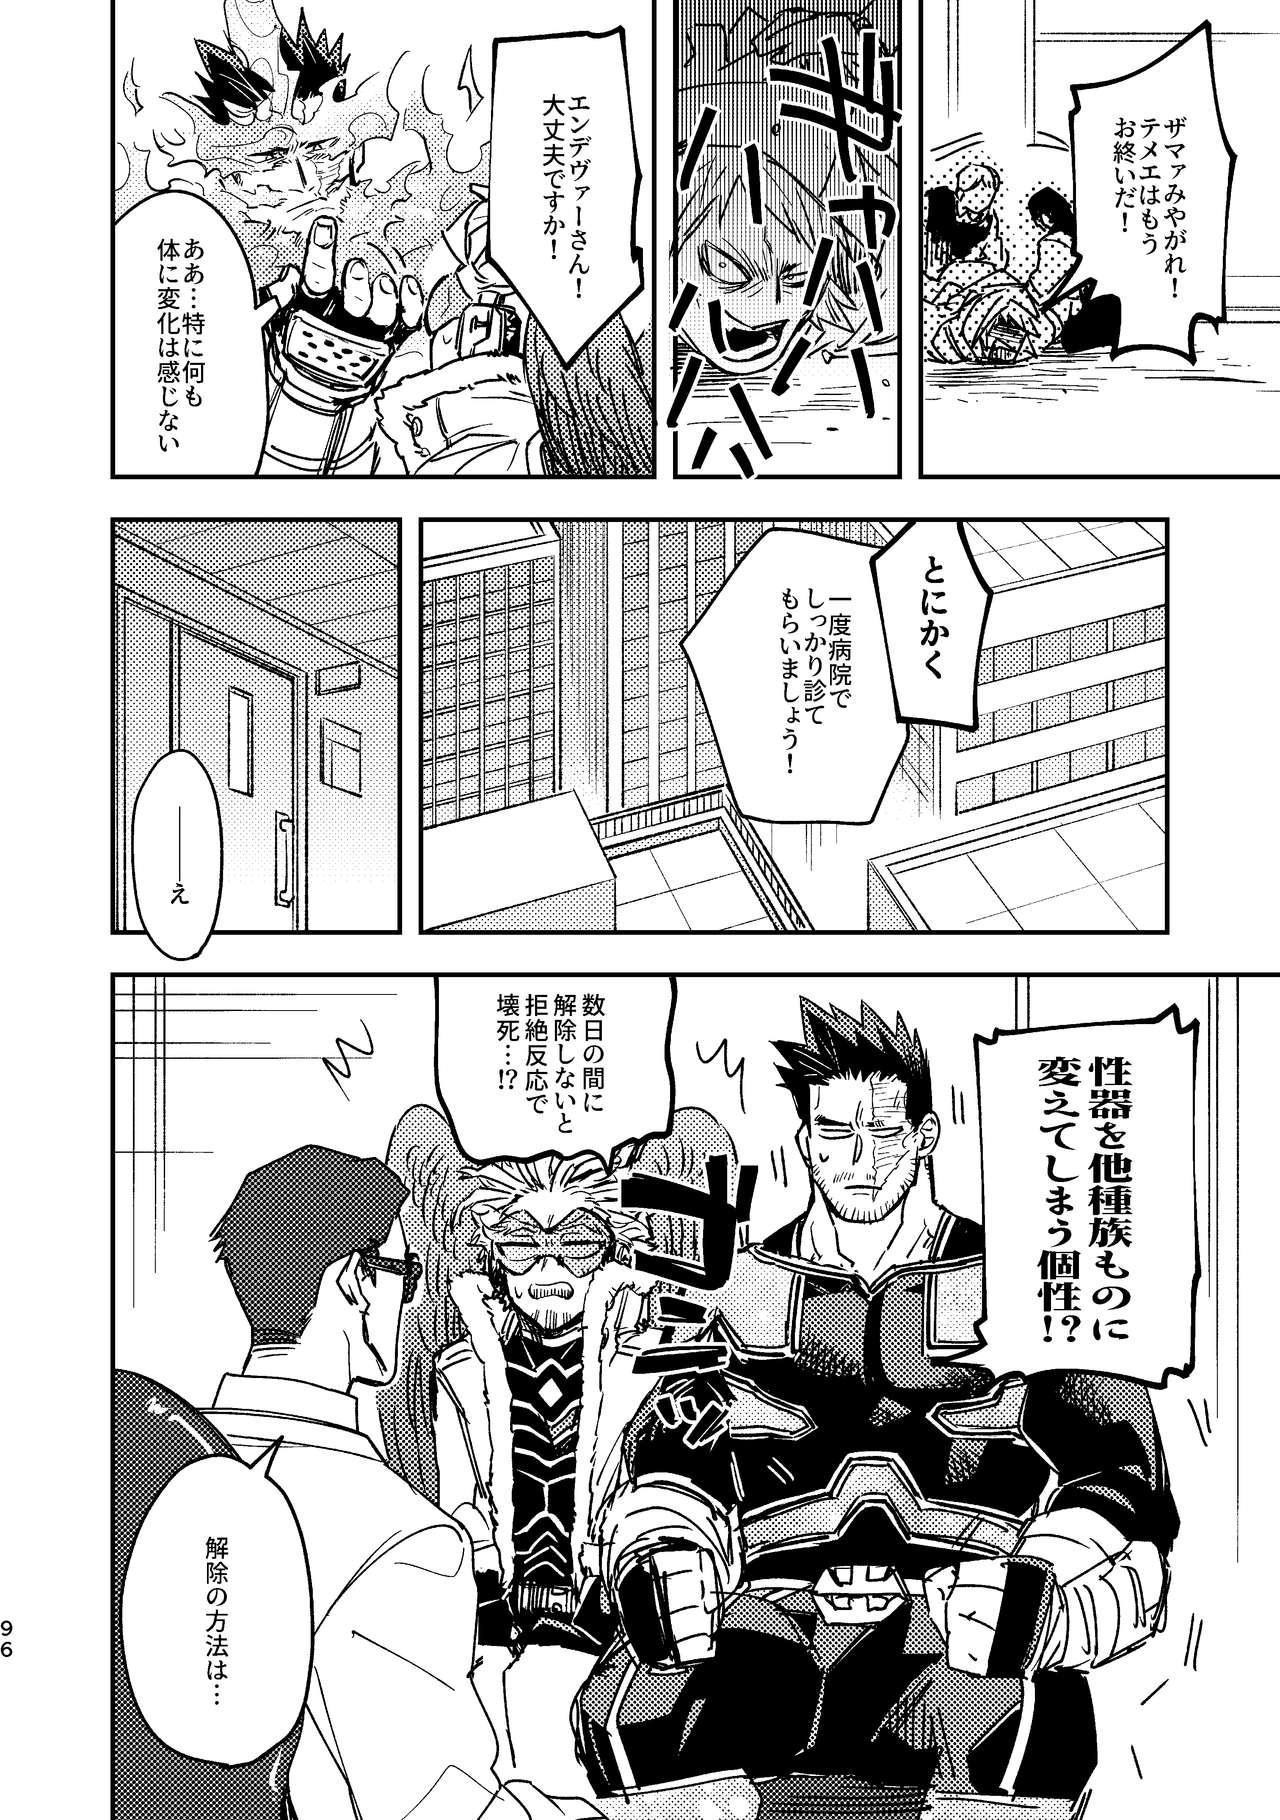 WEB Sairoku Zumi HawEn Manga ga Kami demo Yomeru Hon. 95